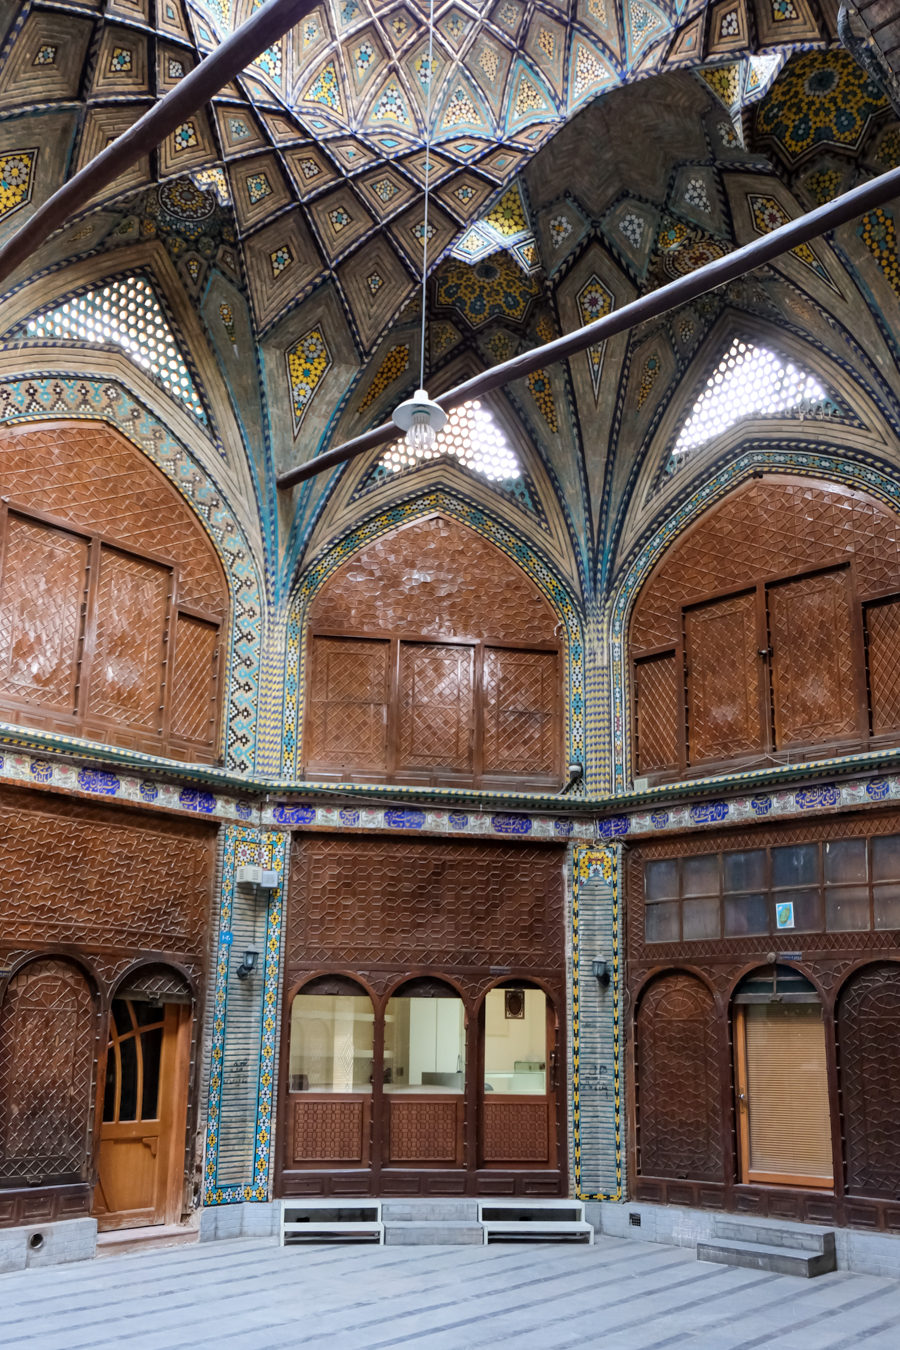 Esfahan Itinerary BAZAR-E BOZORG architecture